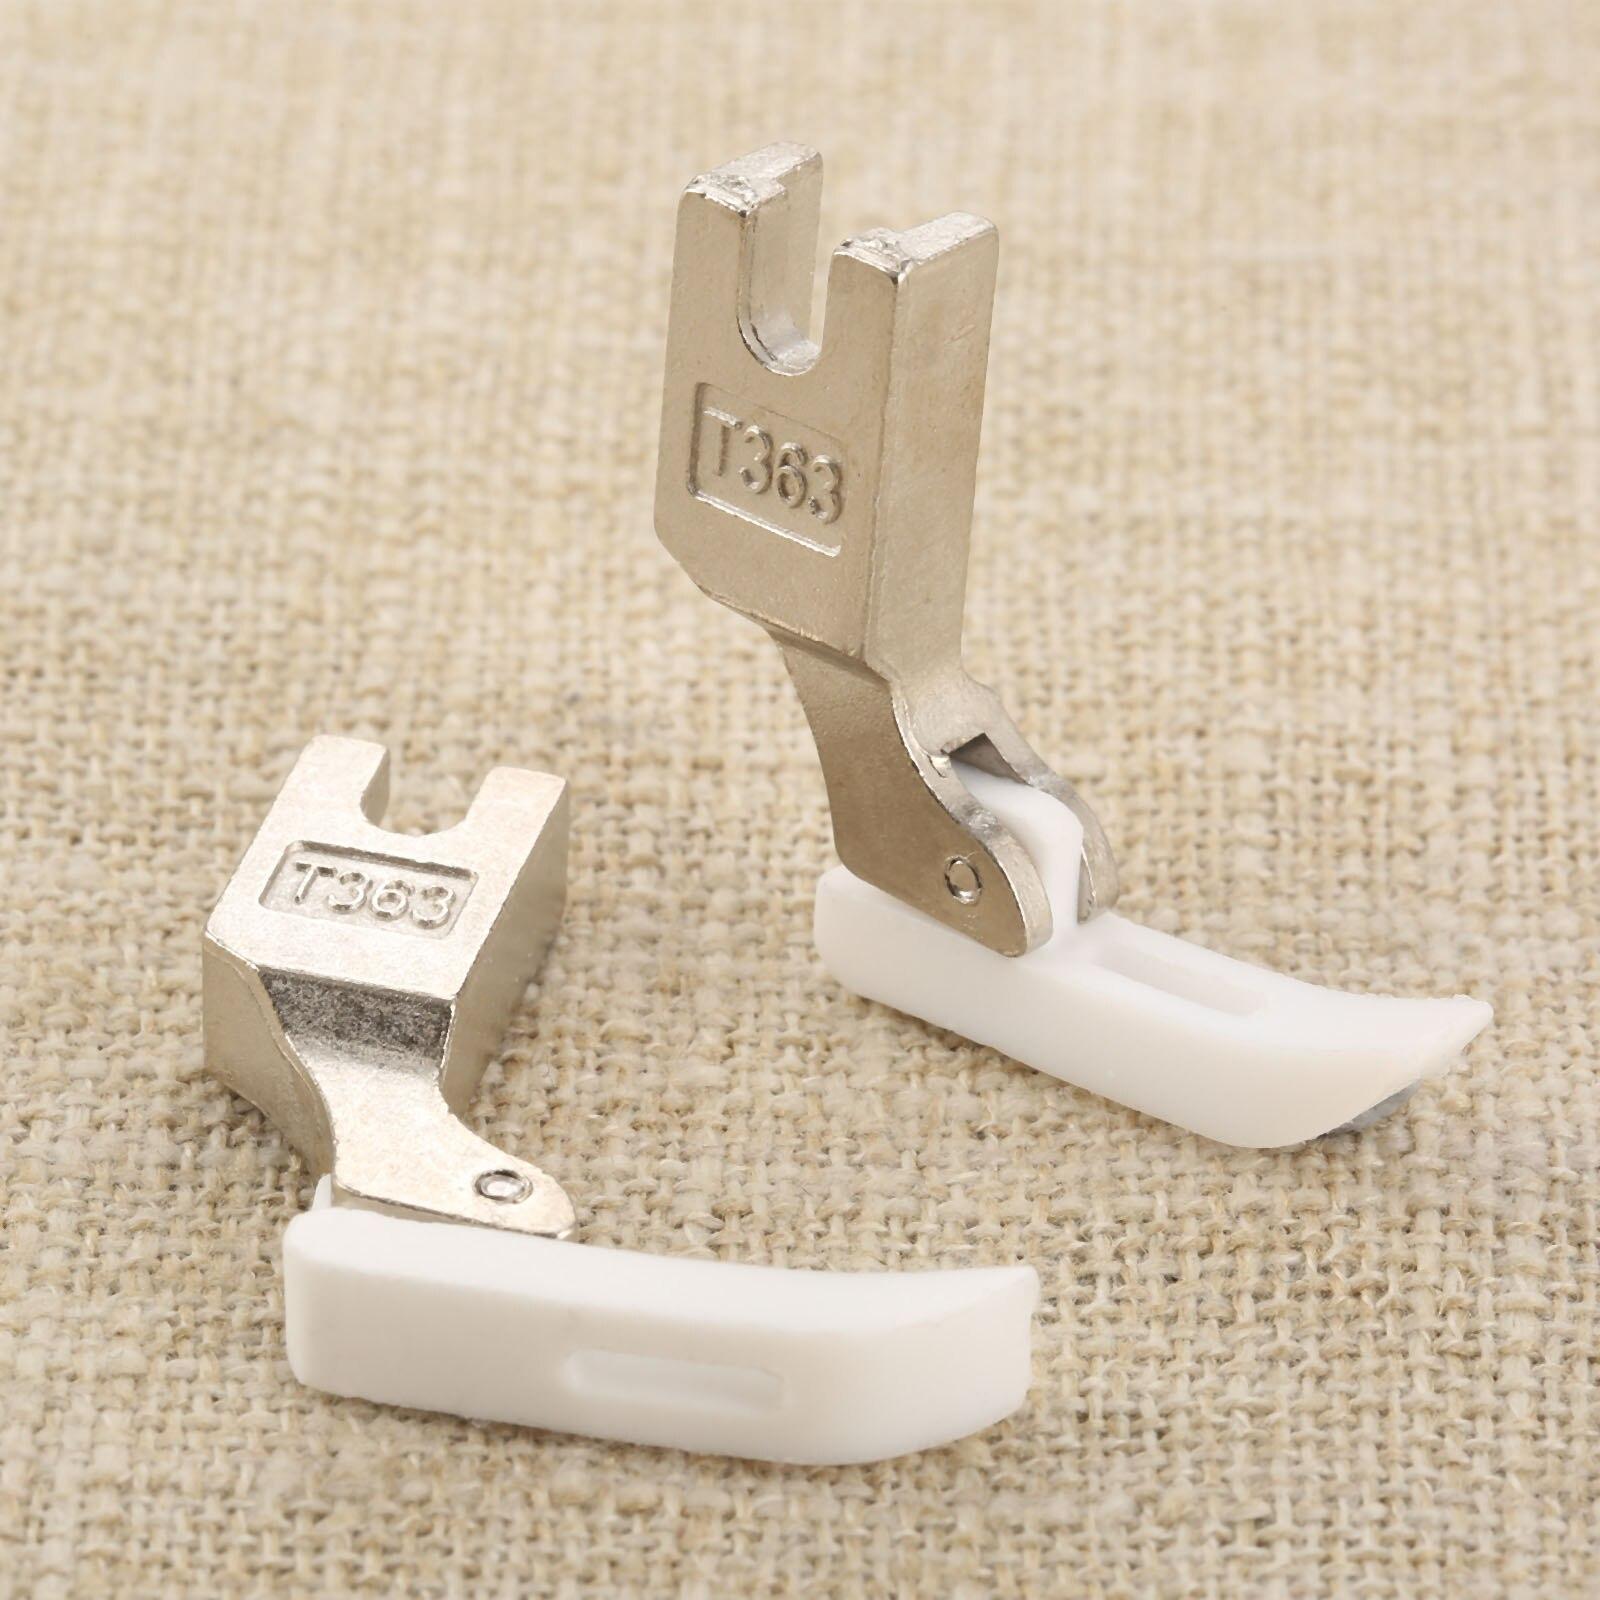 2 шт., пластиковые прижимные лапки для швейных машин, T363